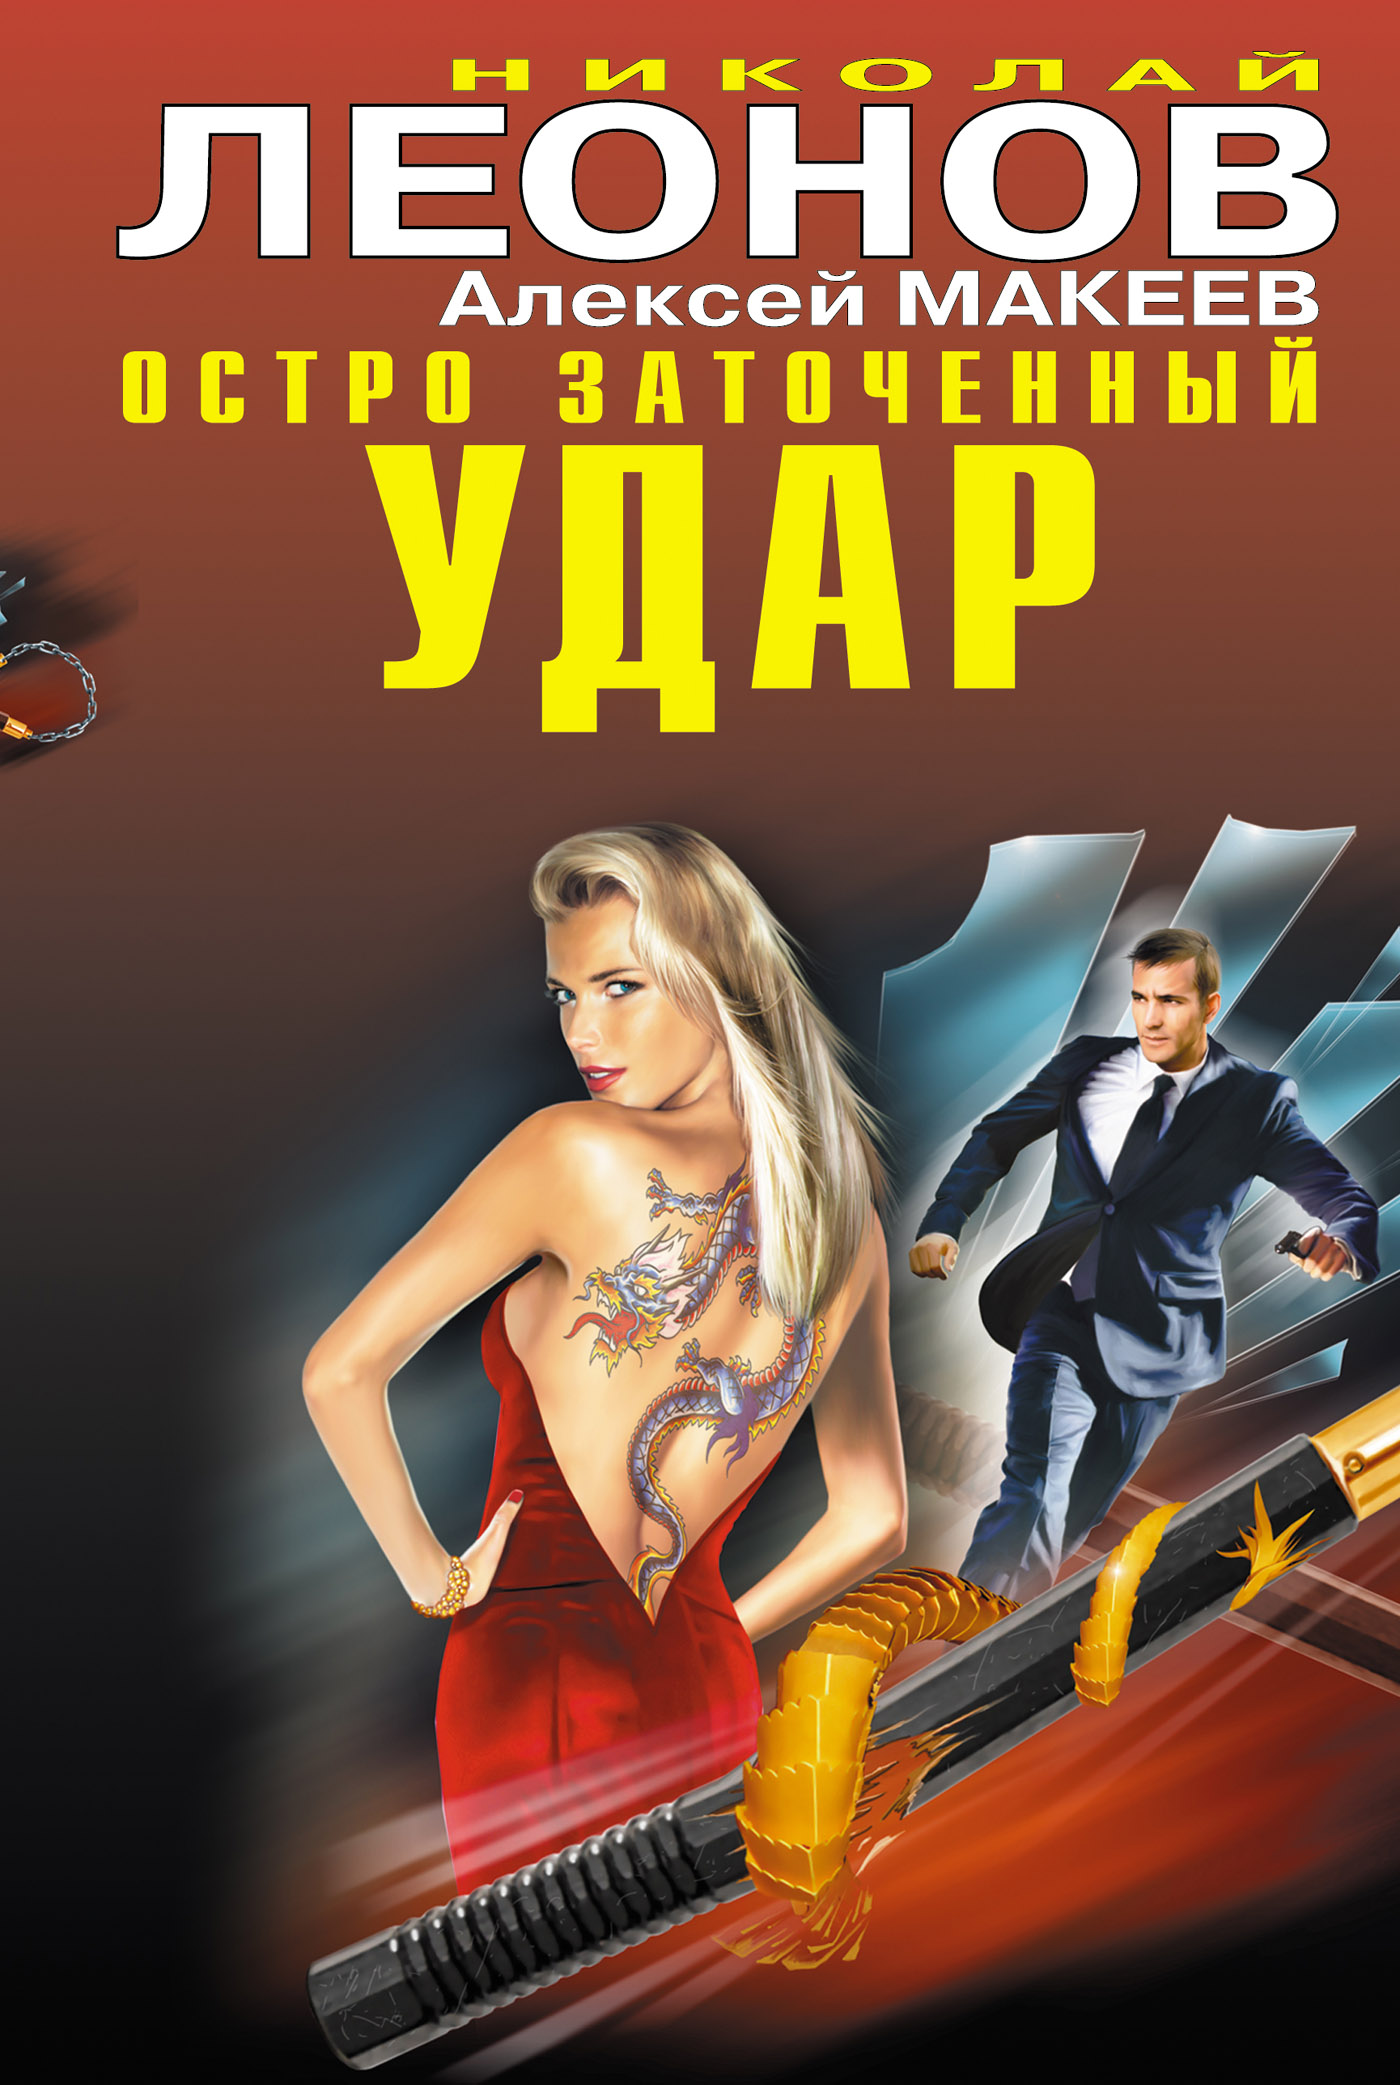 Николай Леонов Подозревается сыщик недорого